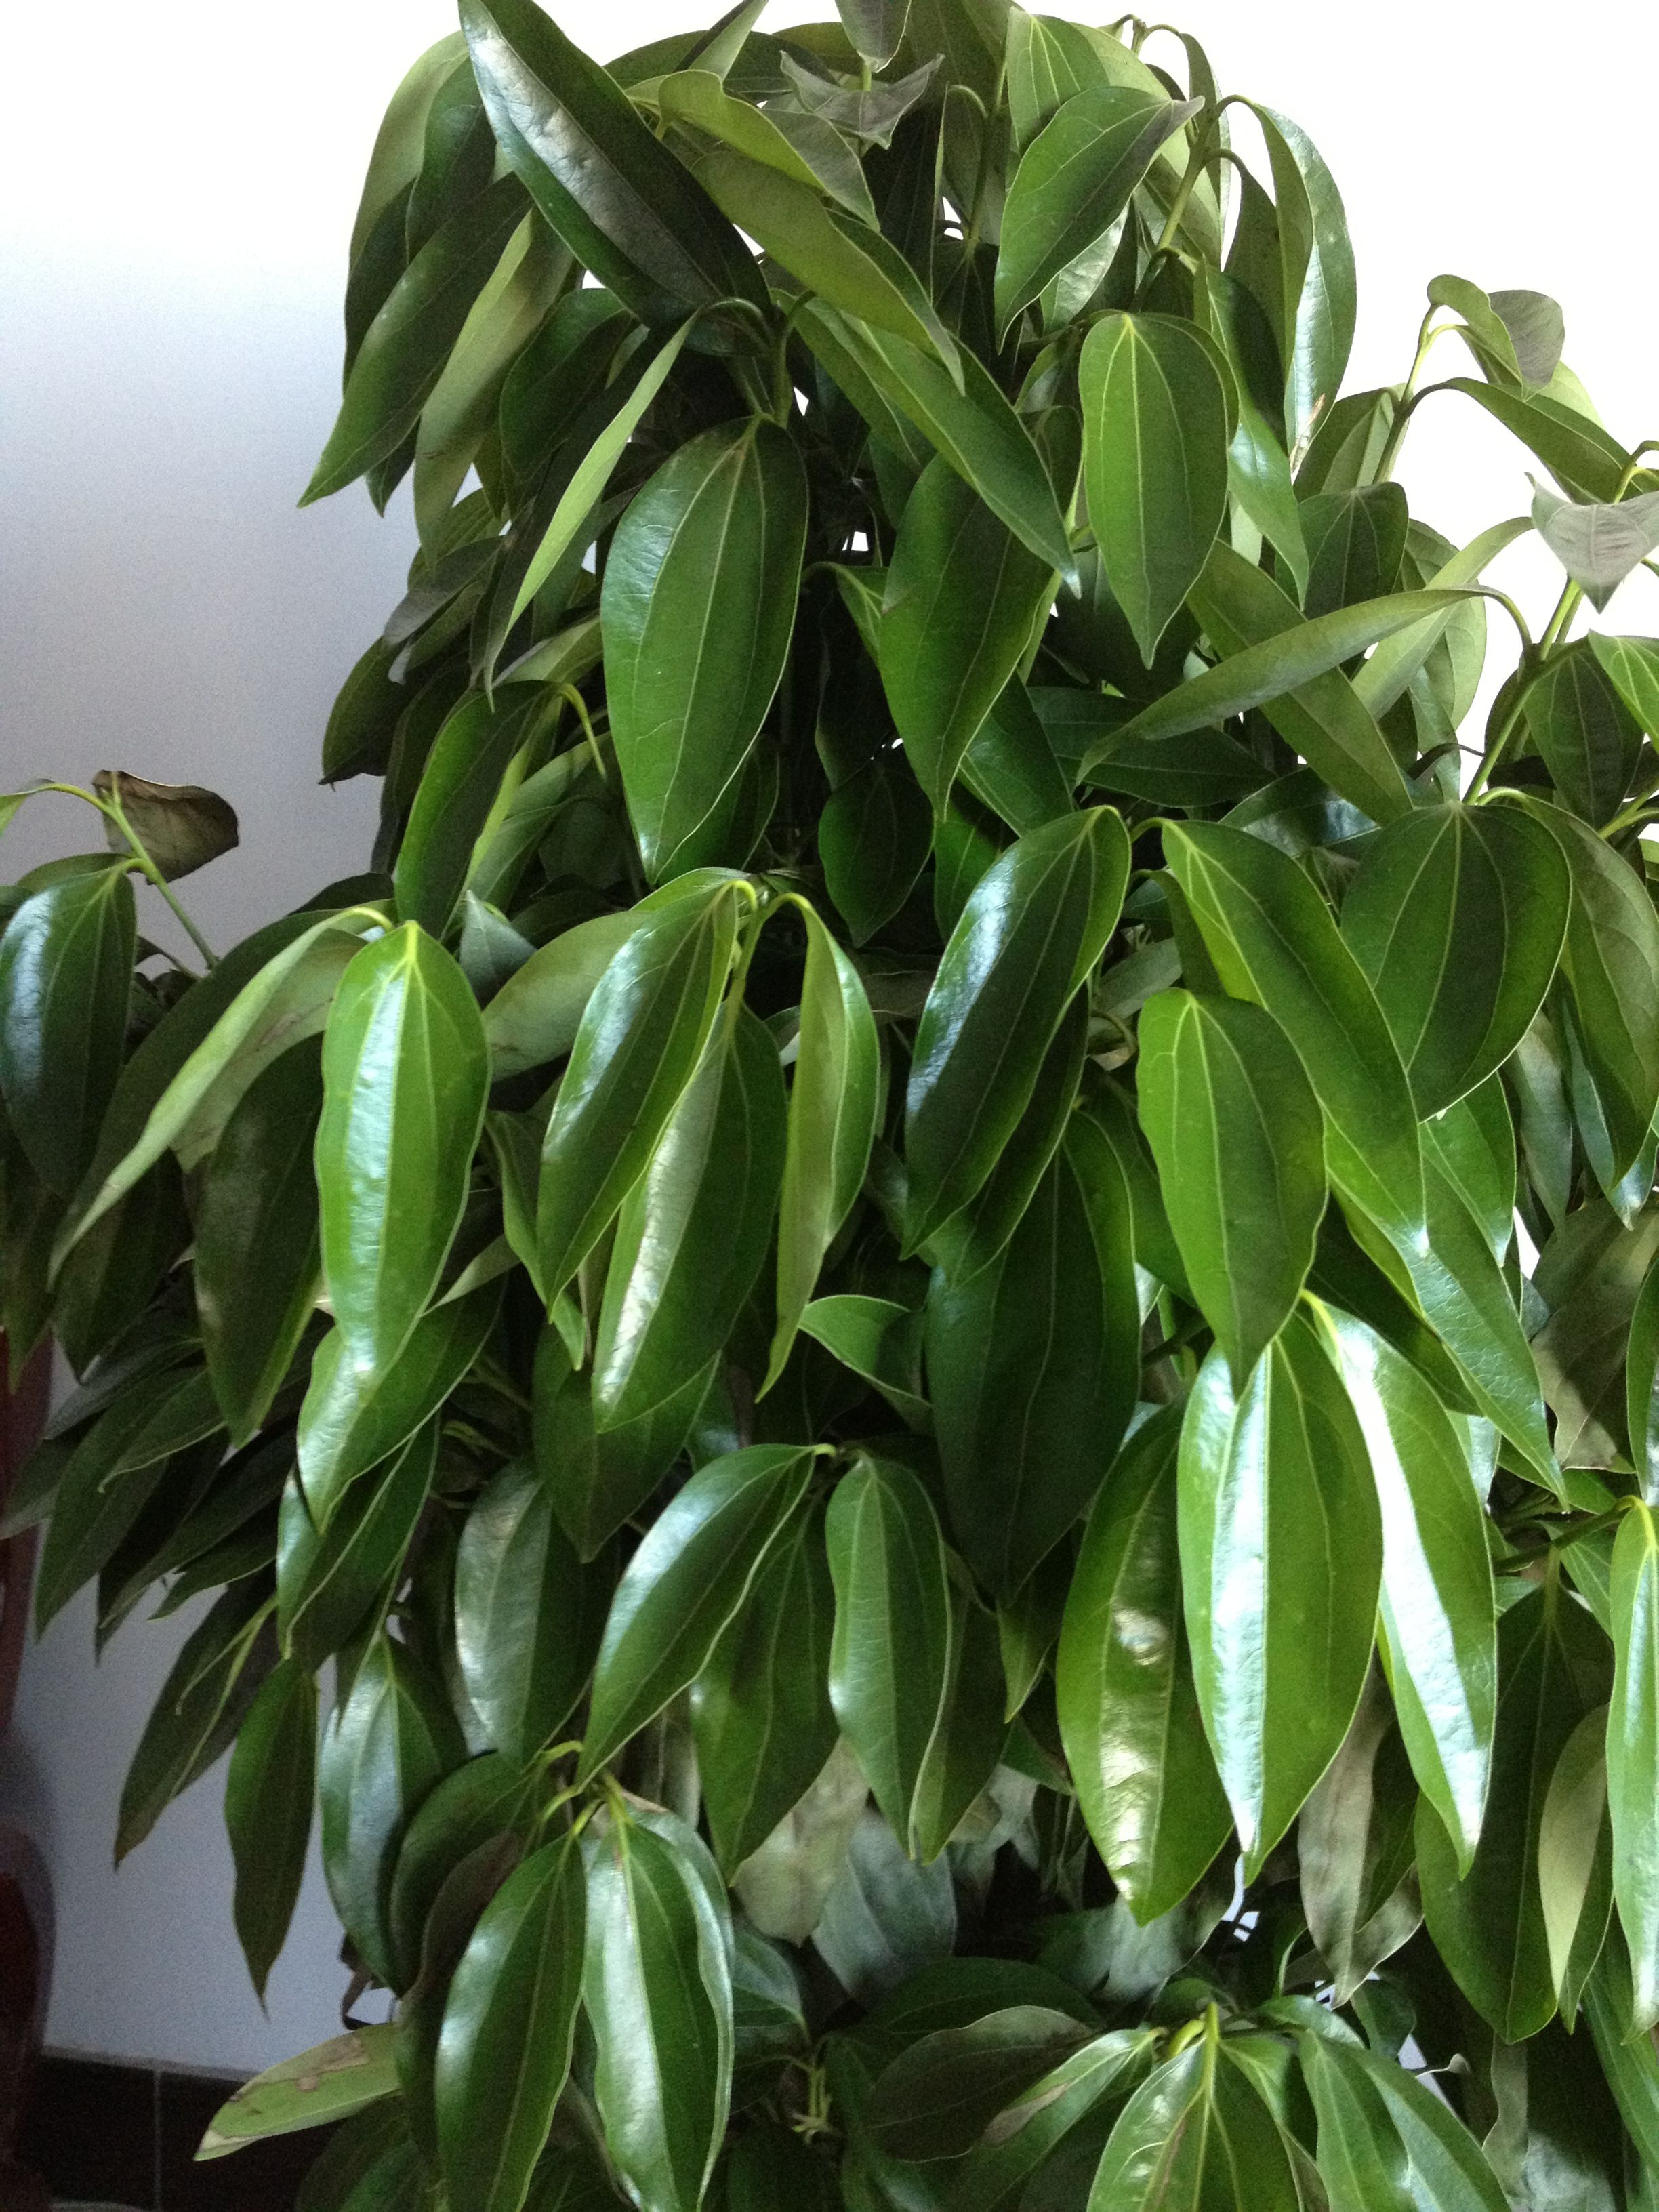 办公室盆栽植物_求助:办公室养的这种大型盆栽植物的名字是什么?它现在生病